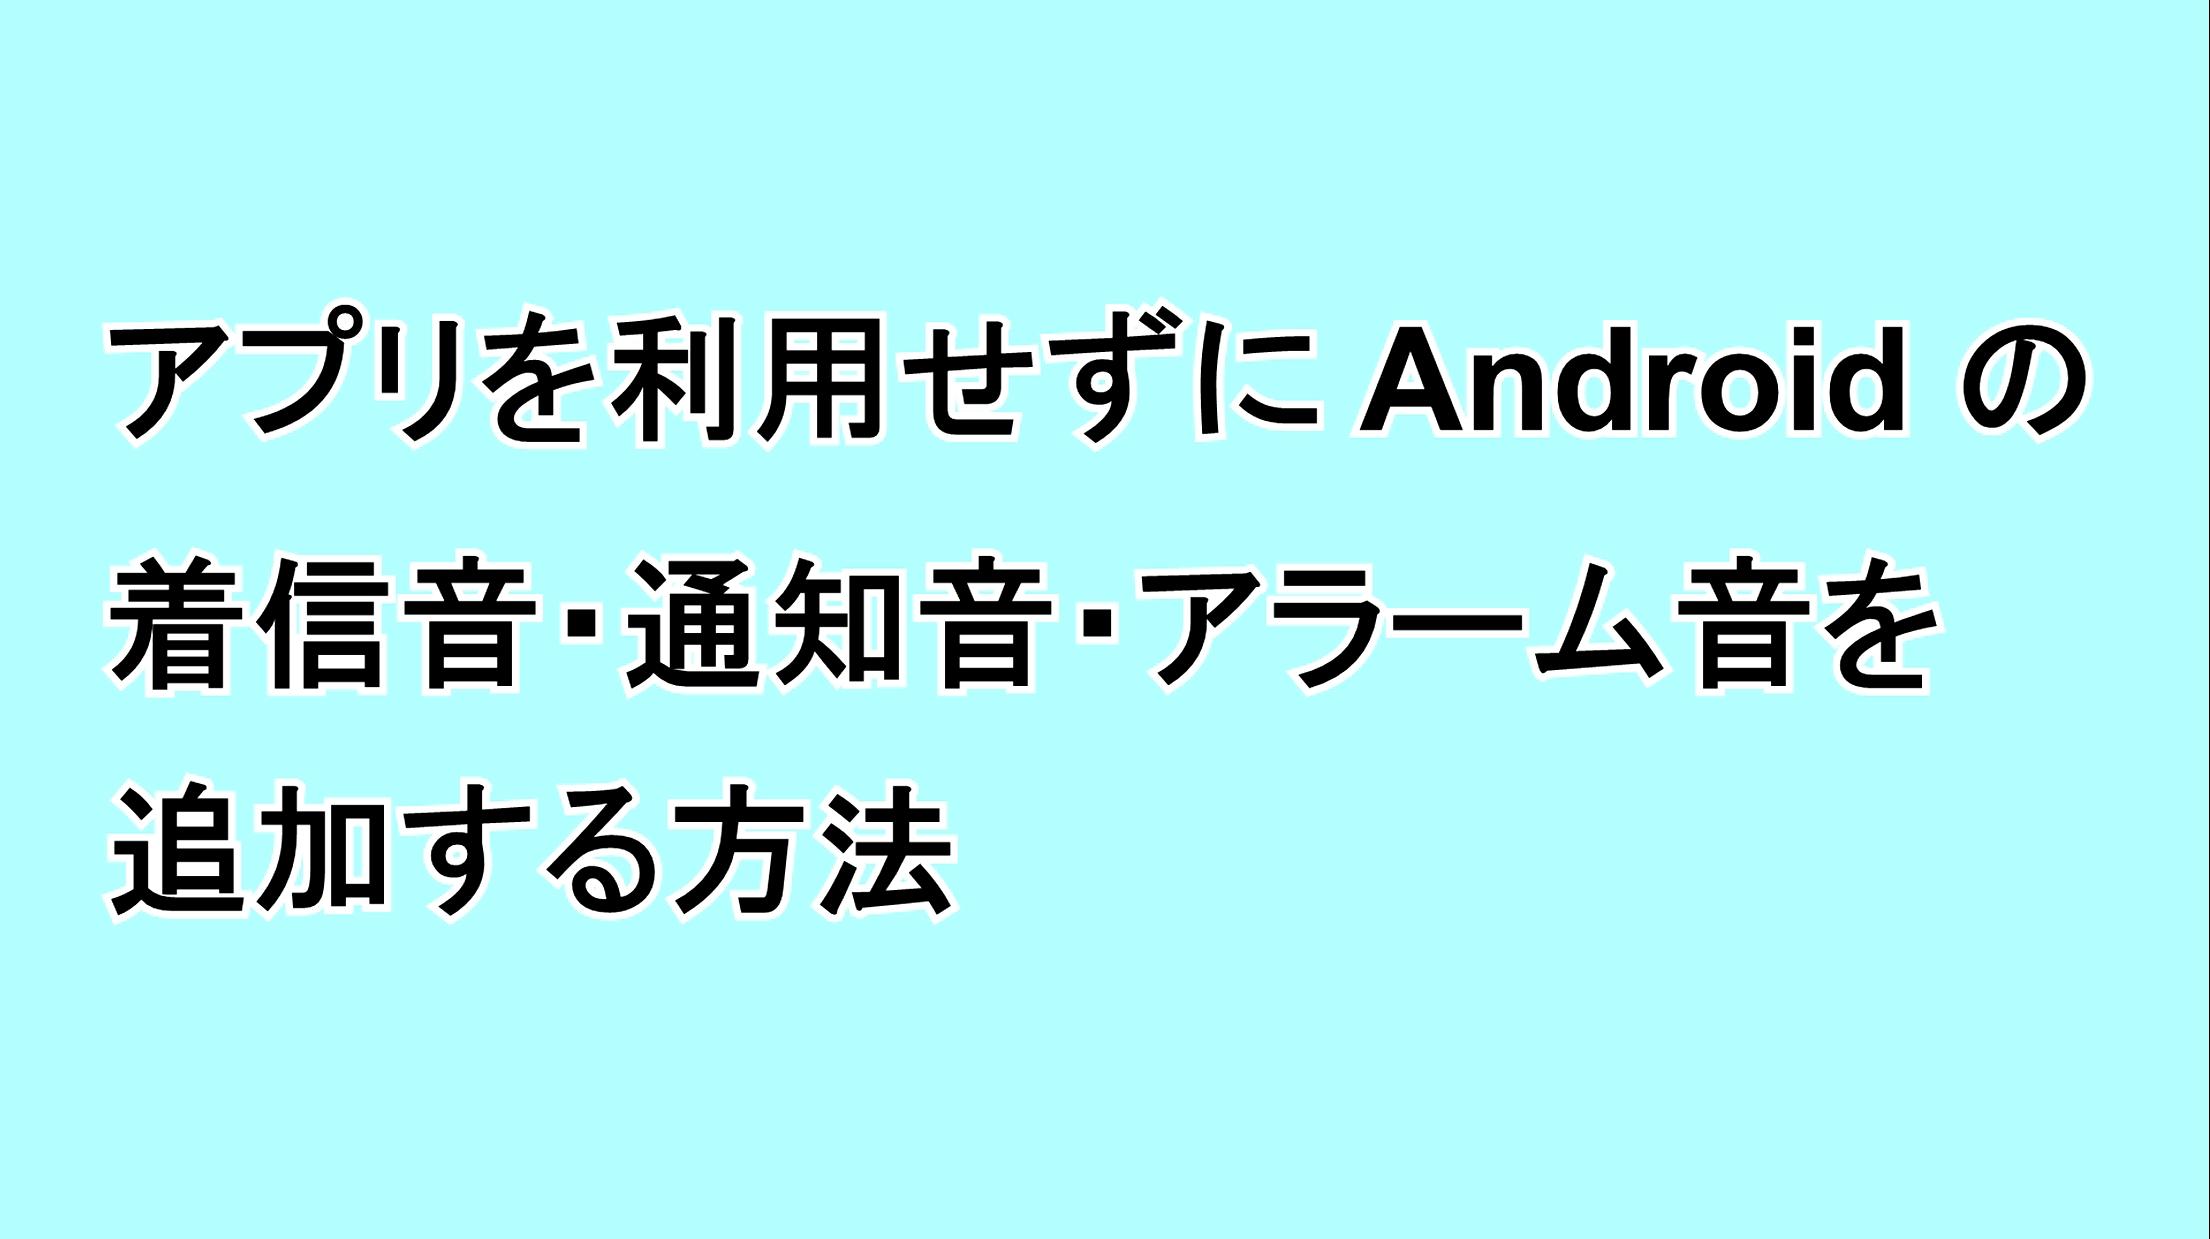 アプリを利用せずにAndroidの着信音・通知音・アラーム音を追加する方法